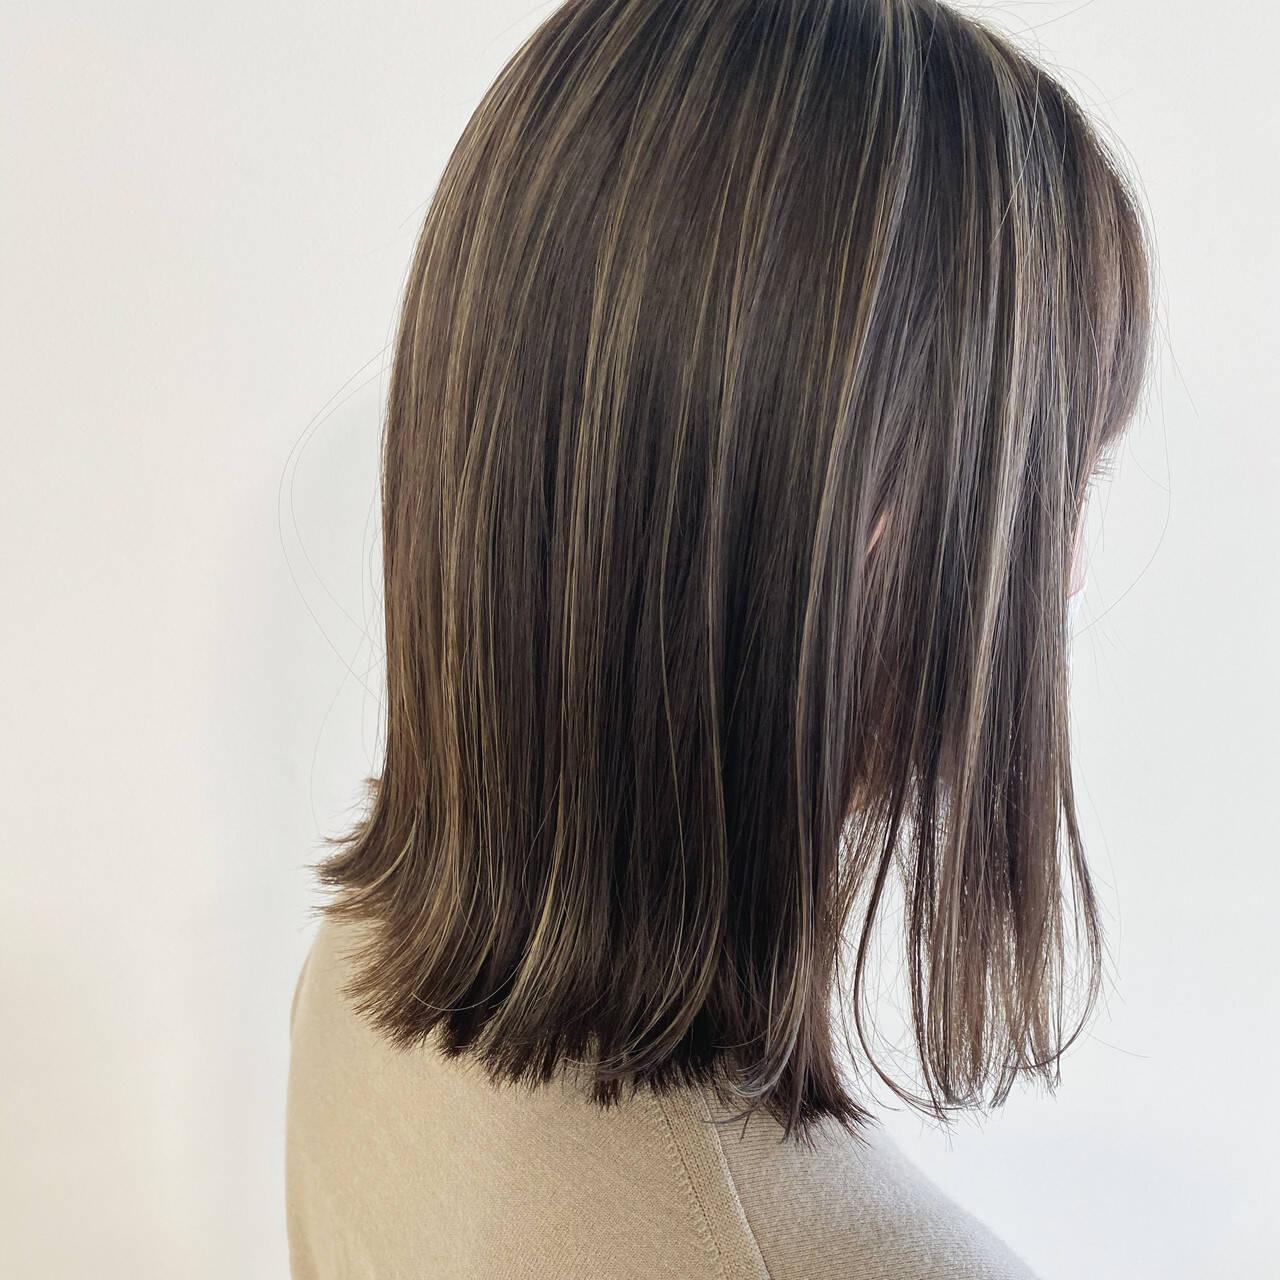 3Dハイライト ナチュラル ボブ ハイライトヘアスタイルや髪型の写真・画像